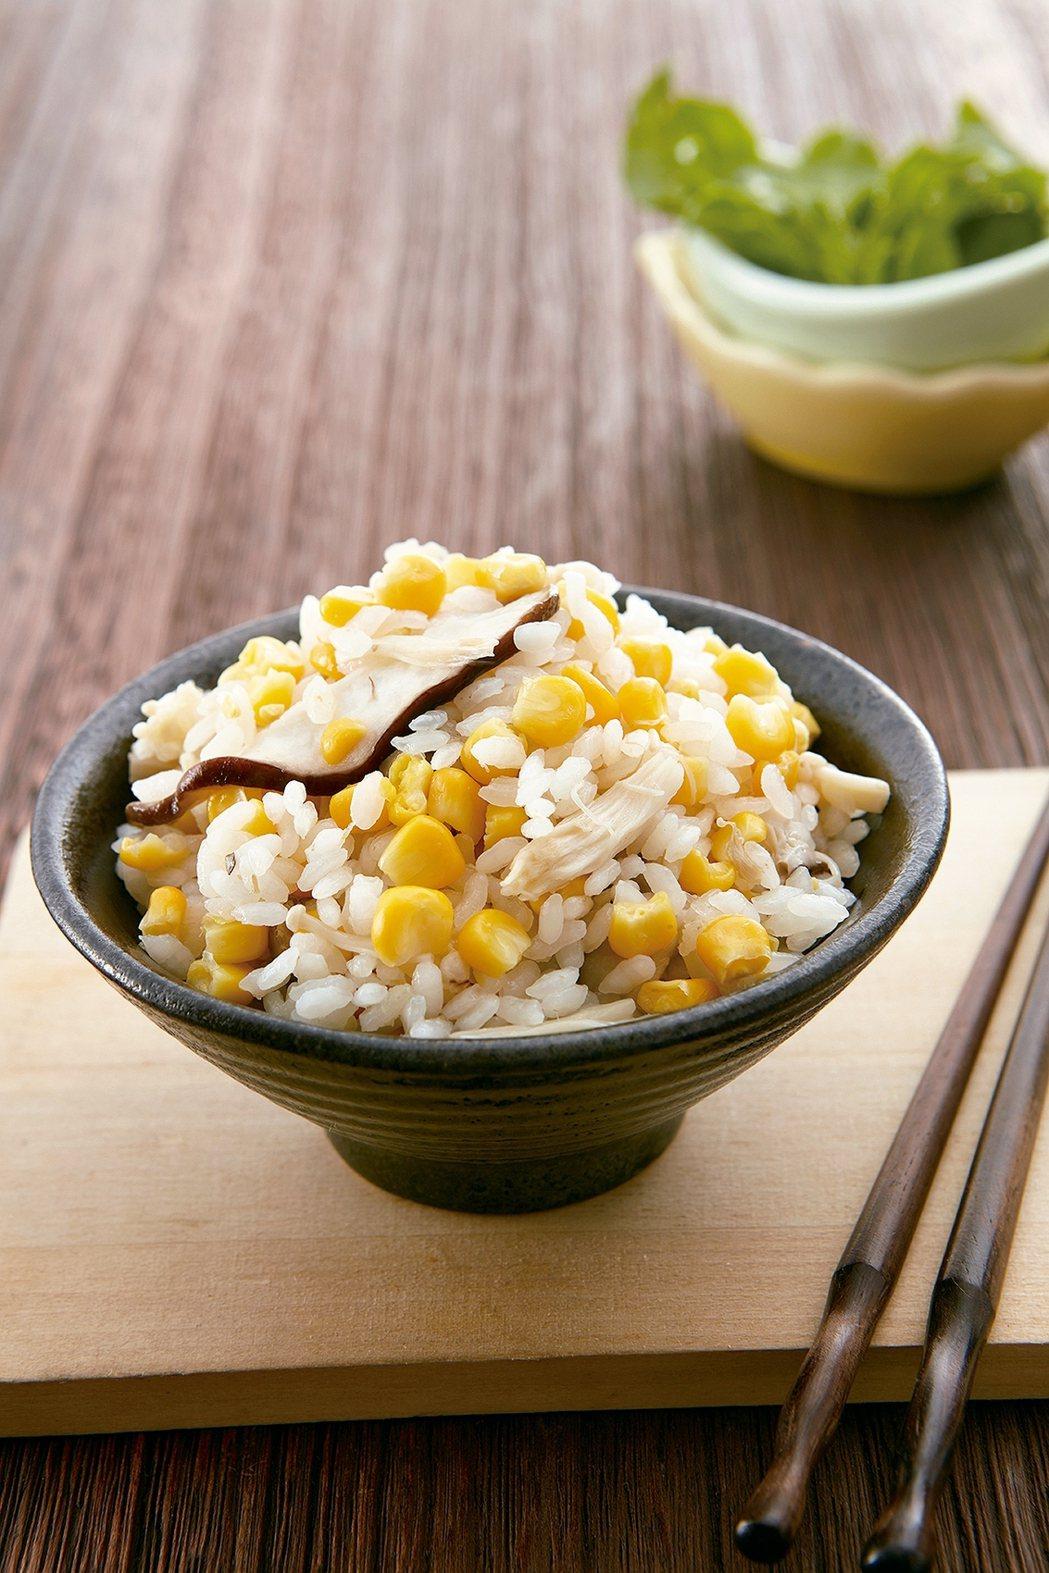 玉米菇菇炊飯 照片:天和鮮物/提供